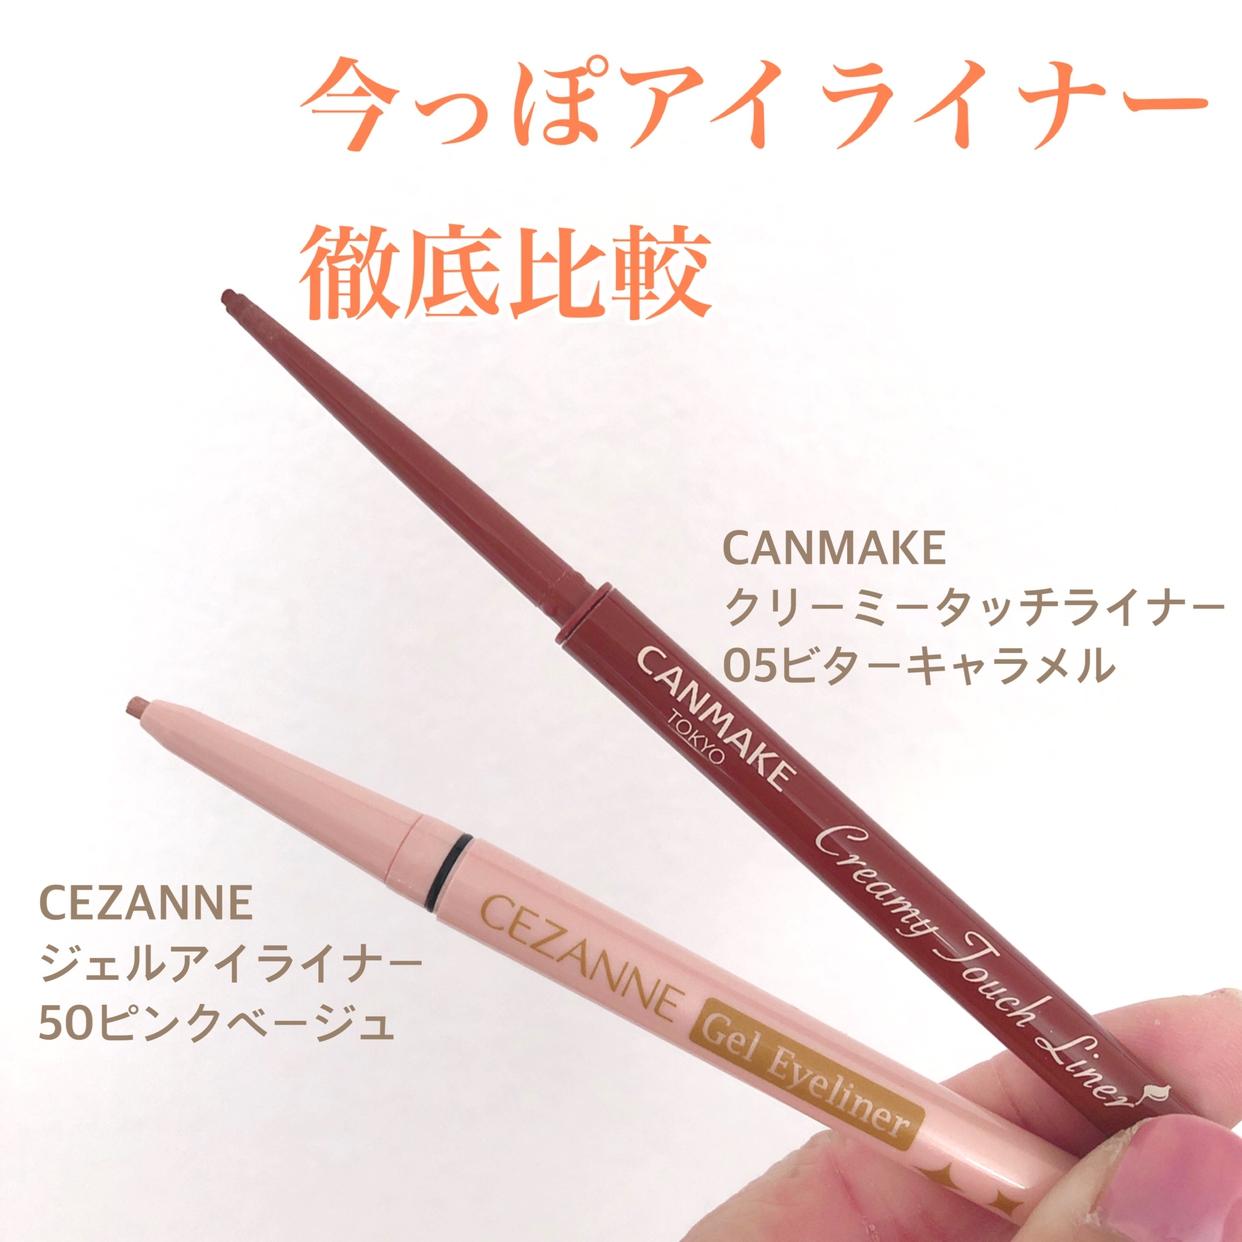 CANMAKE(キャンメイク)クリーミータッチライナーを使った             野村純子さんのクチコミ画像2